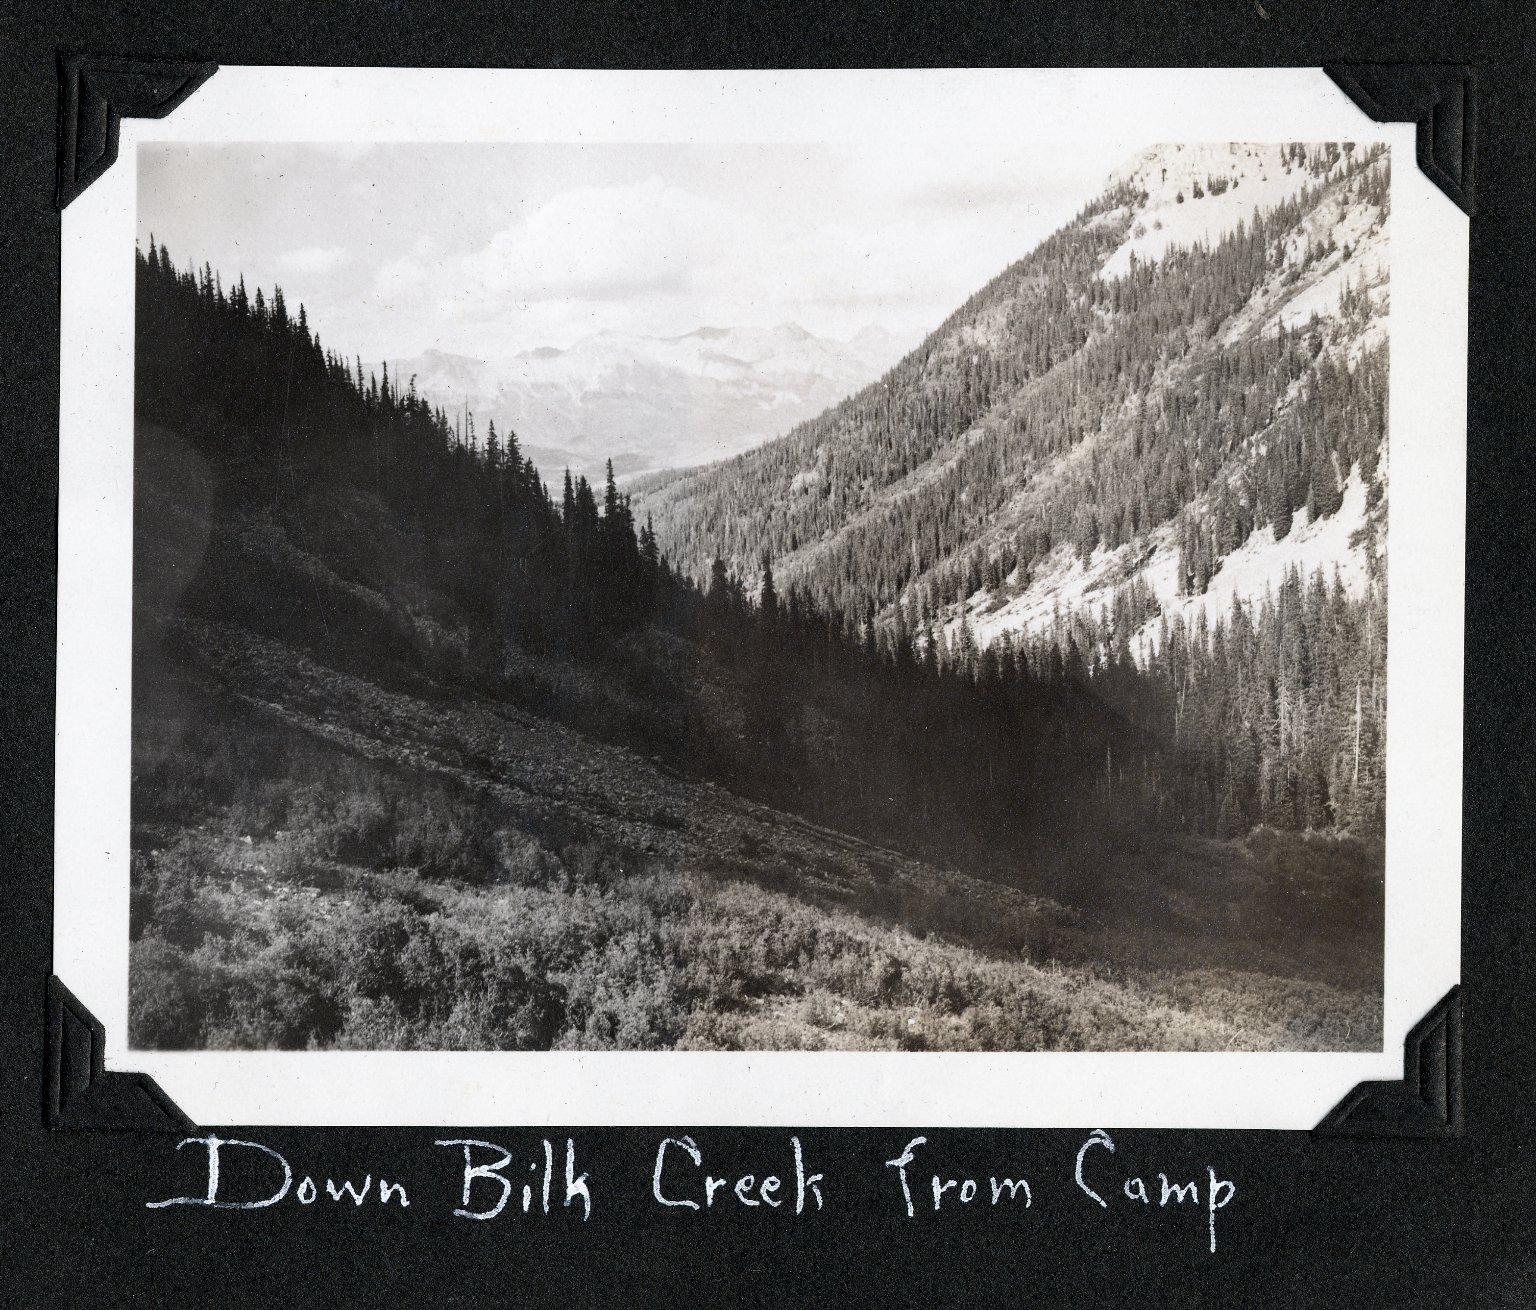 Down Bilk Creek from Camp